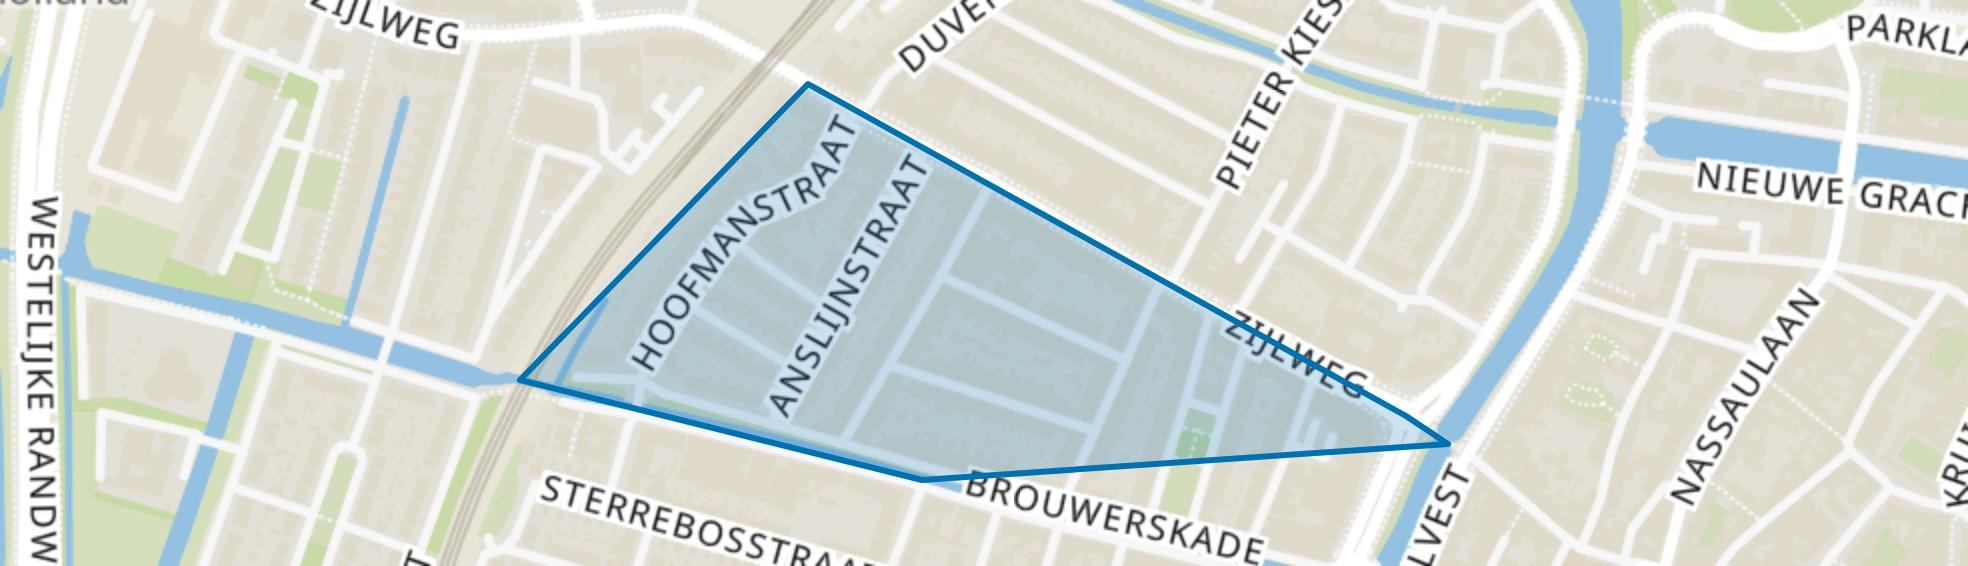 Hasselaersbuurt, Haarlem map